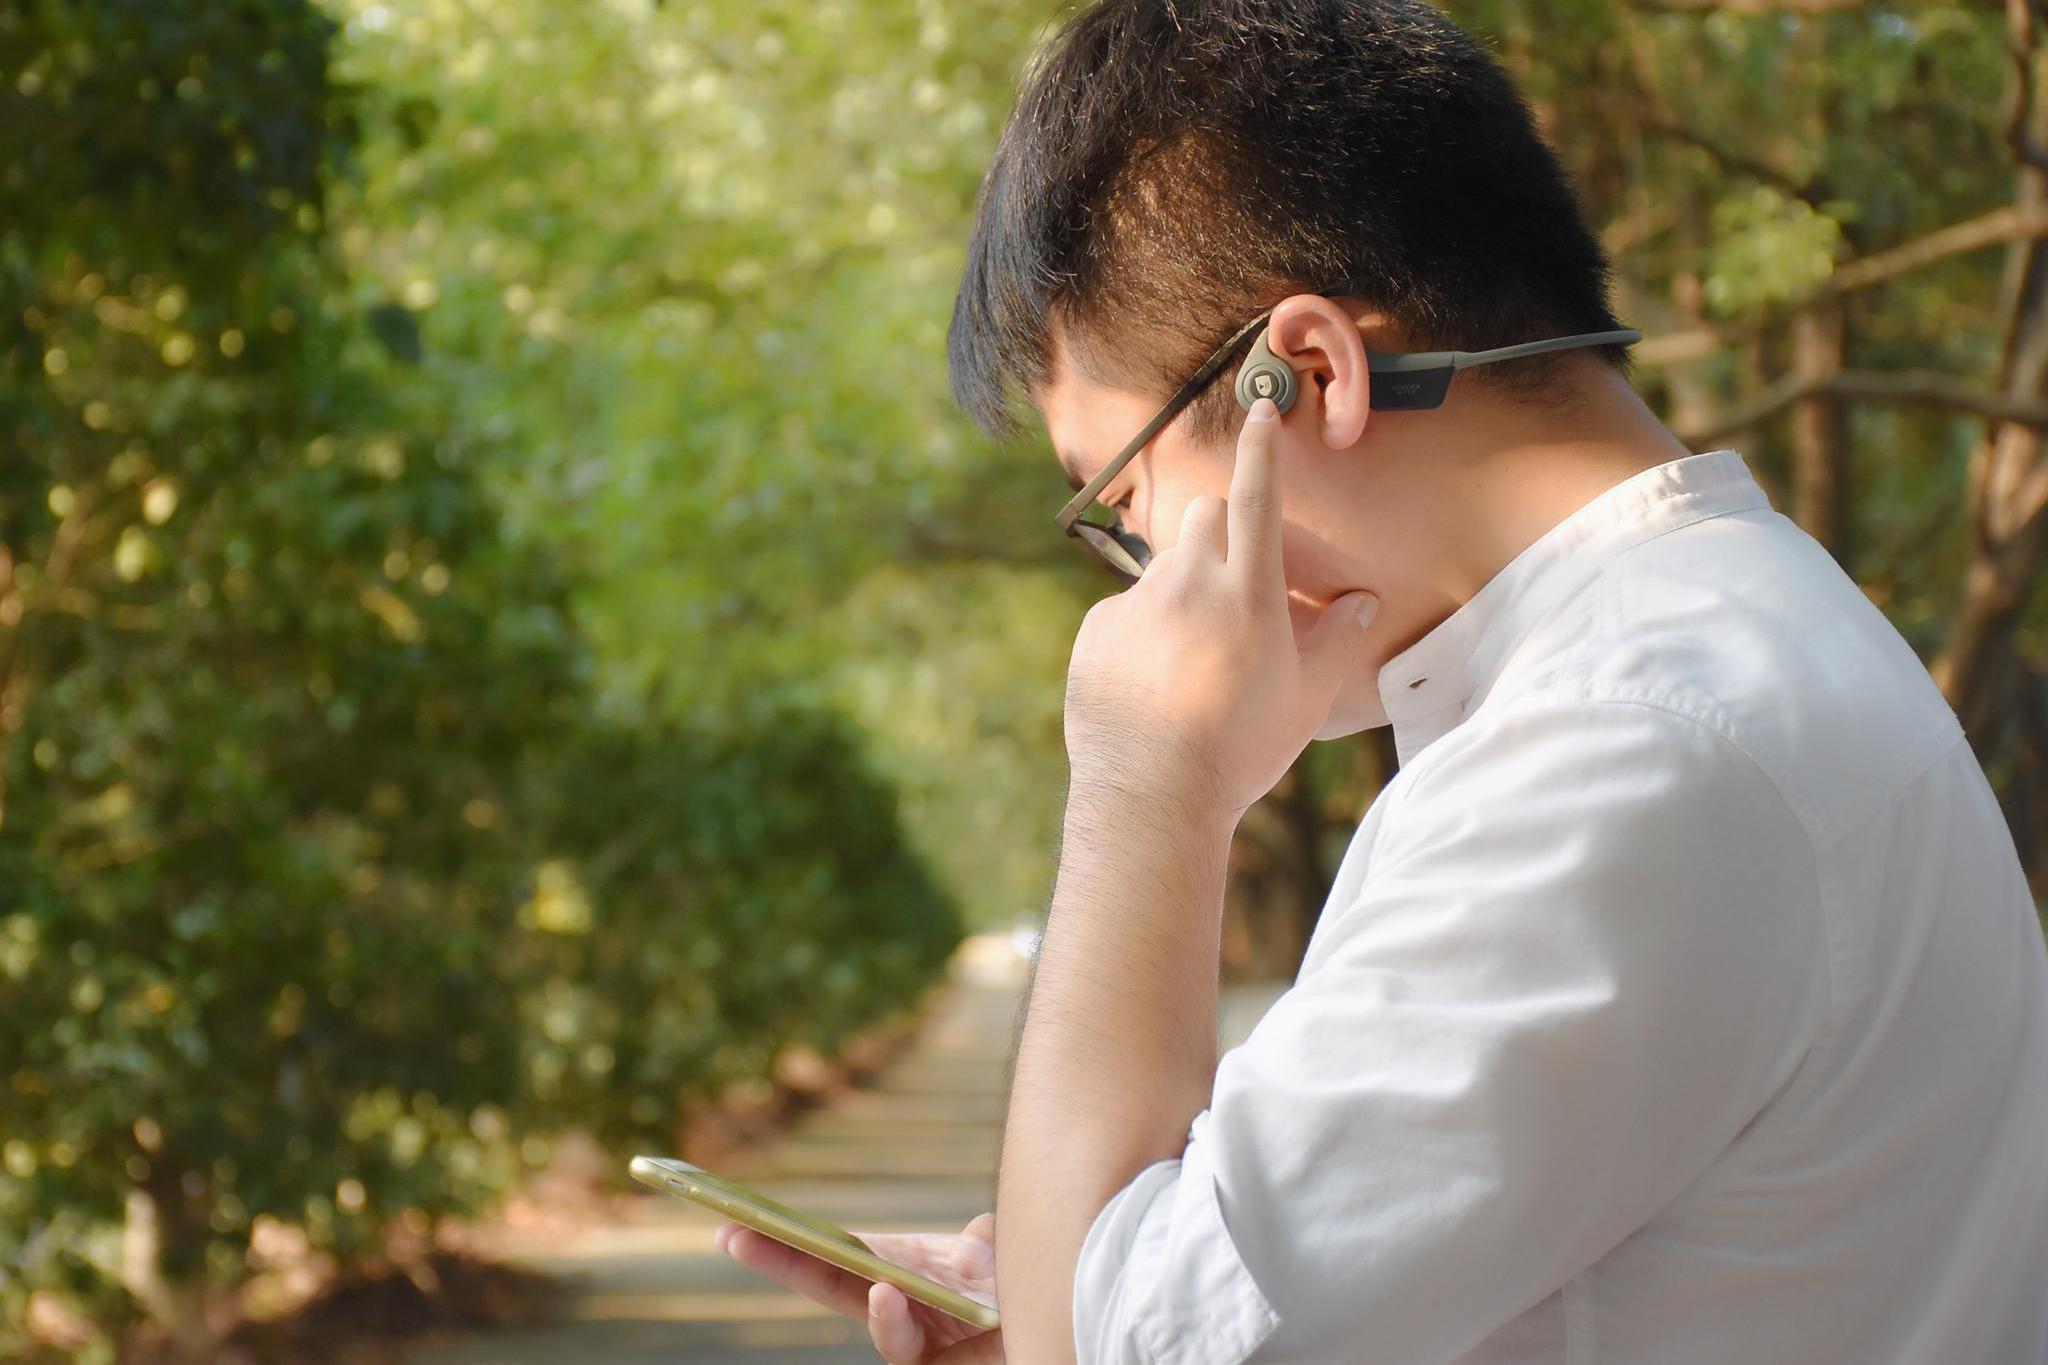 疾风少年,黑科技输出,南卡Runner骨传导蓝牙耳机体验